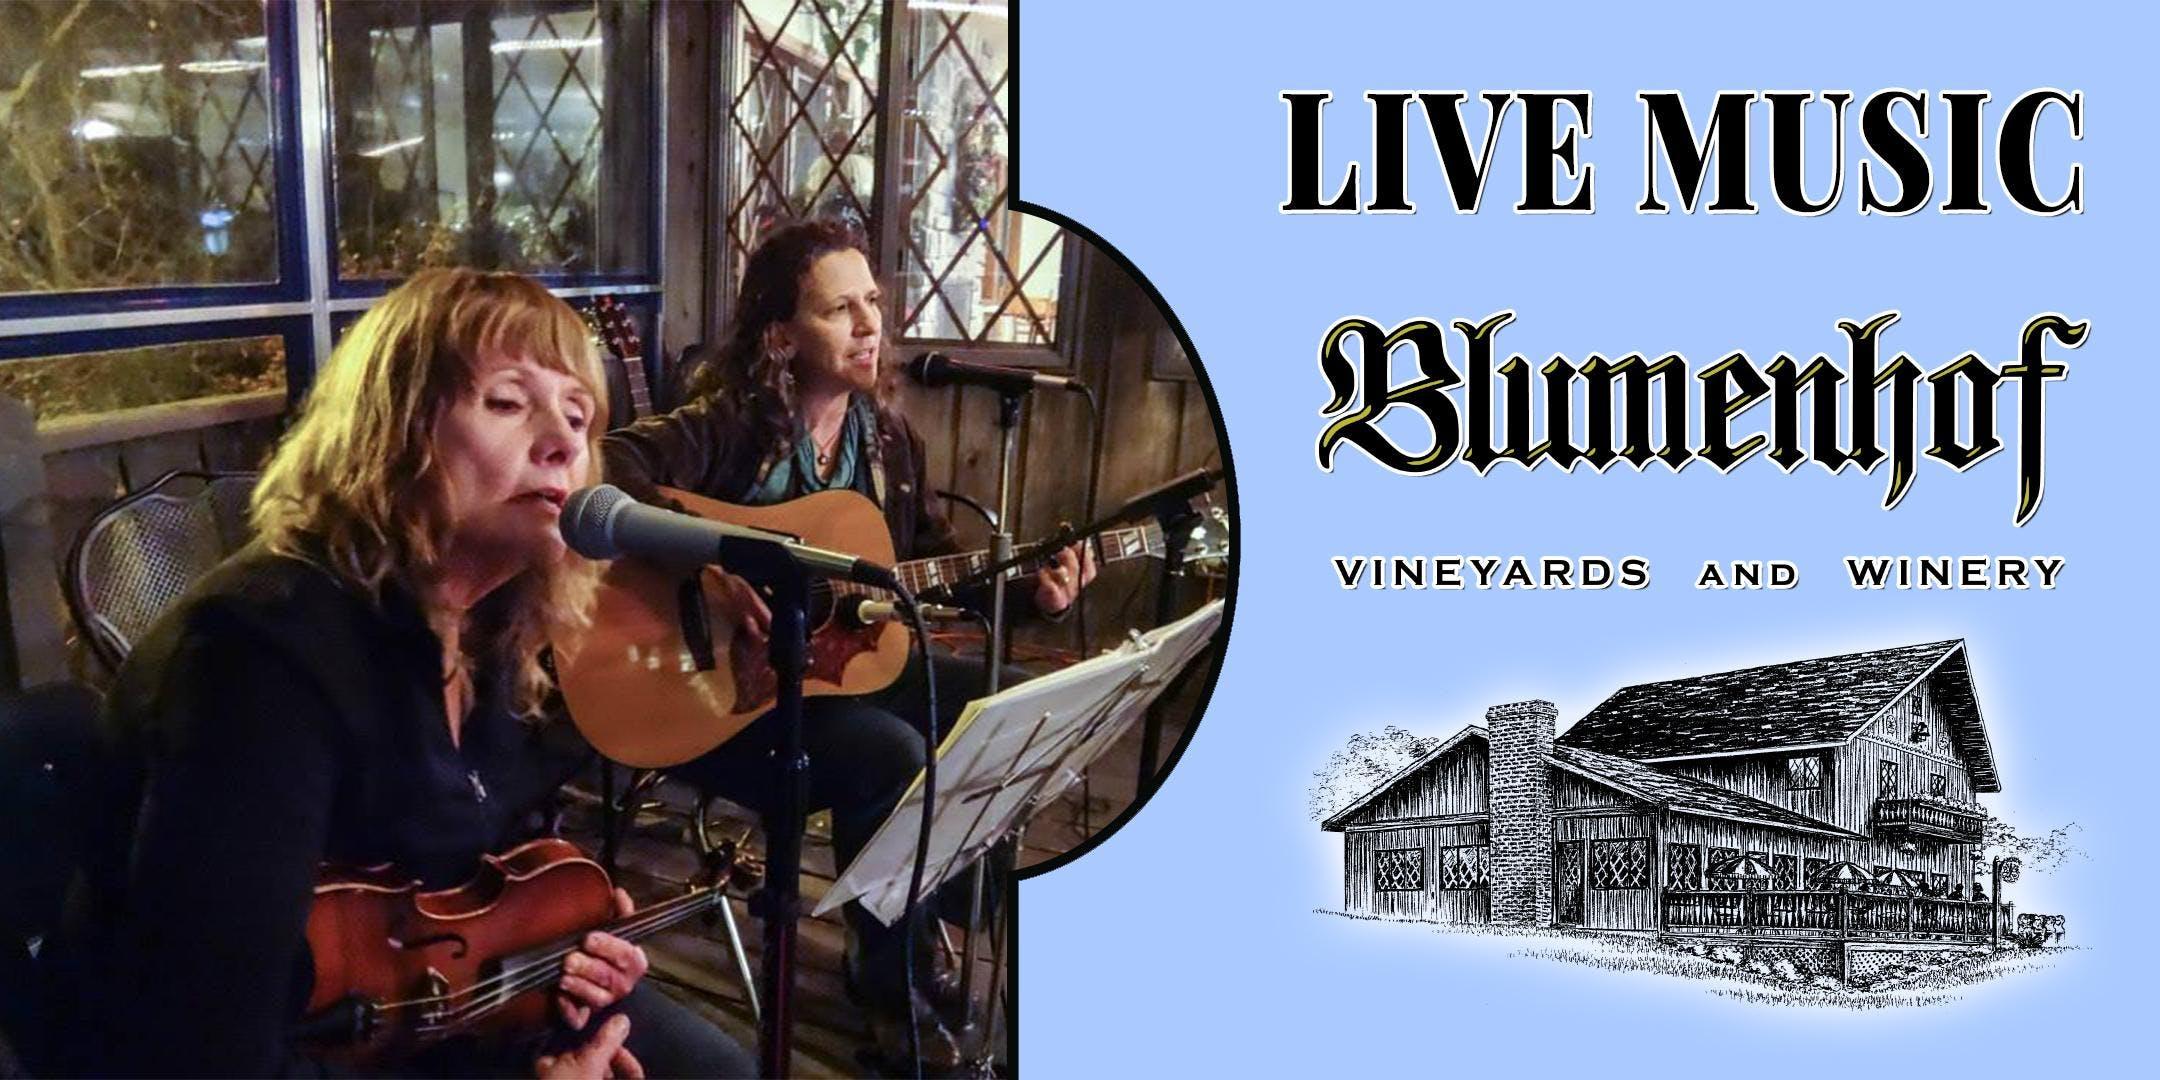 Downstream (folk music) at Blumenhof Winery